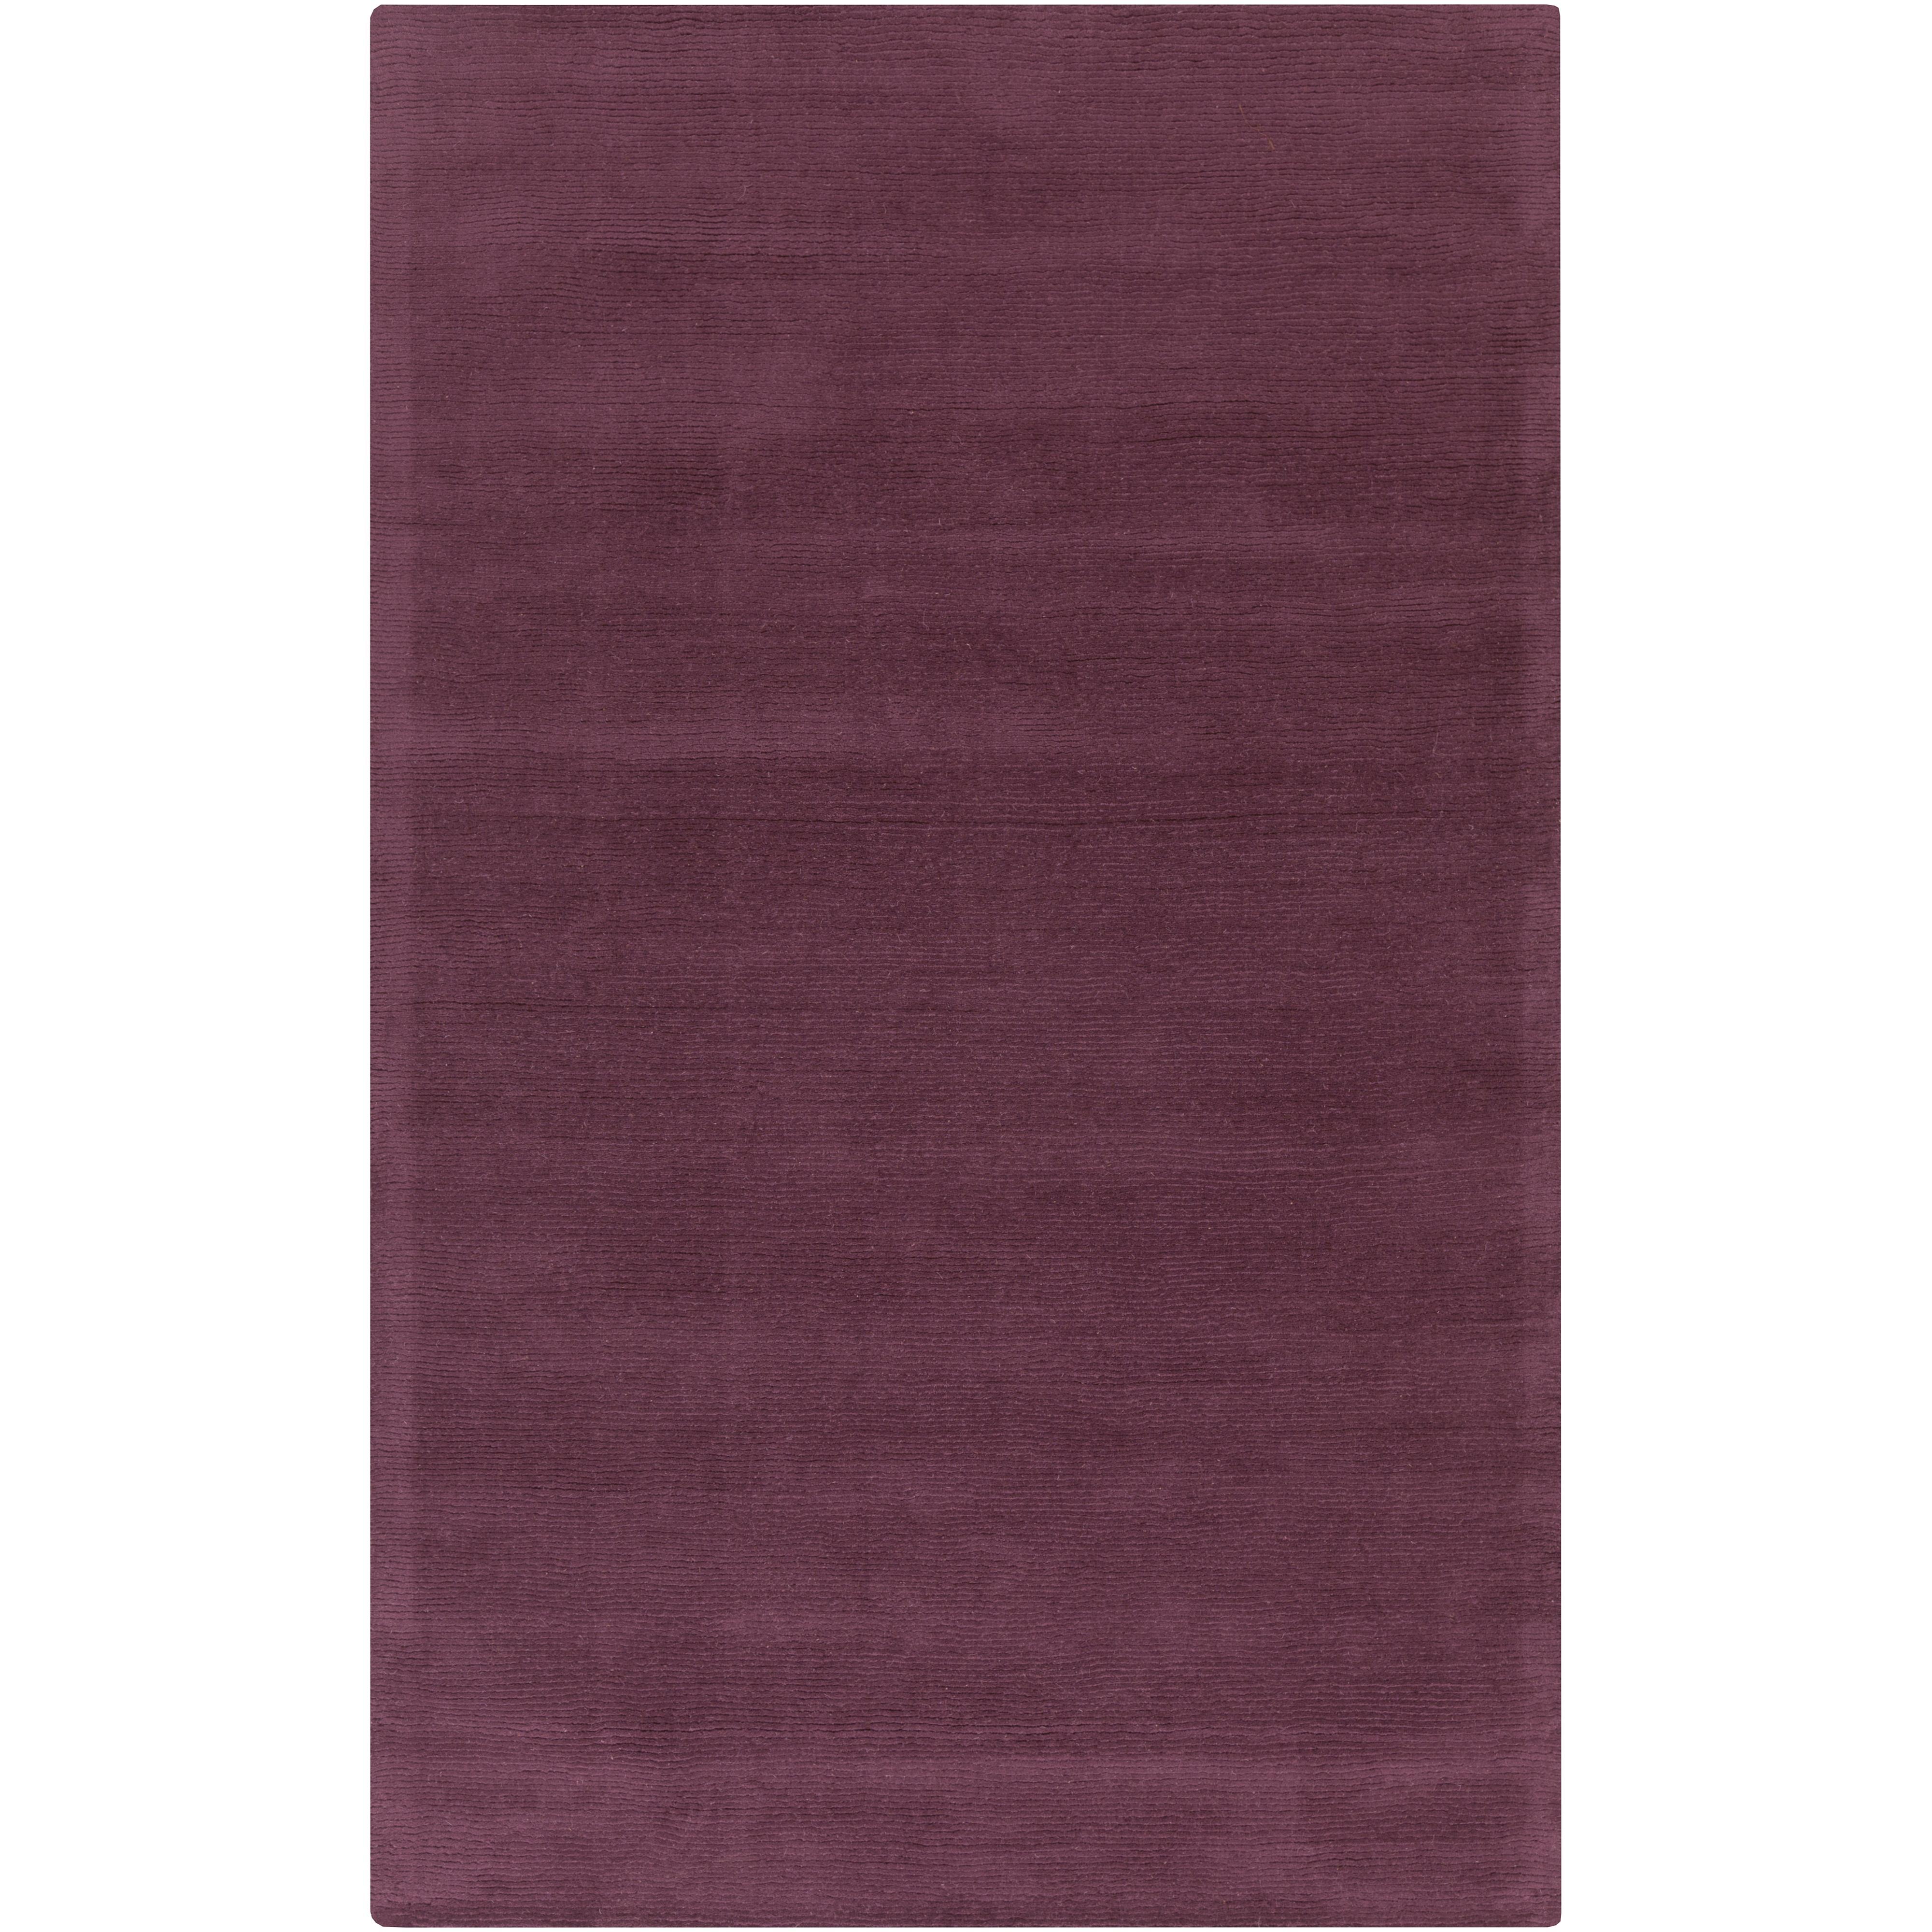 Surya Mystique 2' x 3' - Item Number: M5326-23